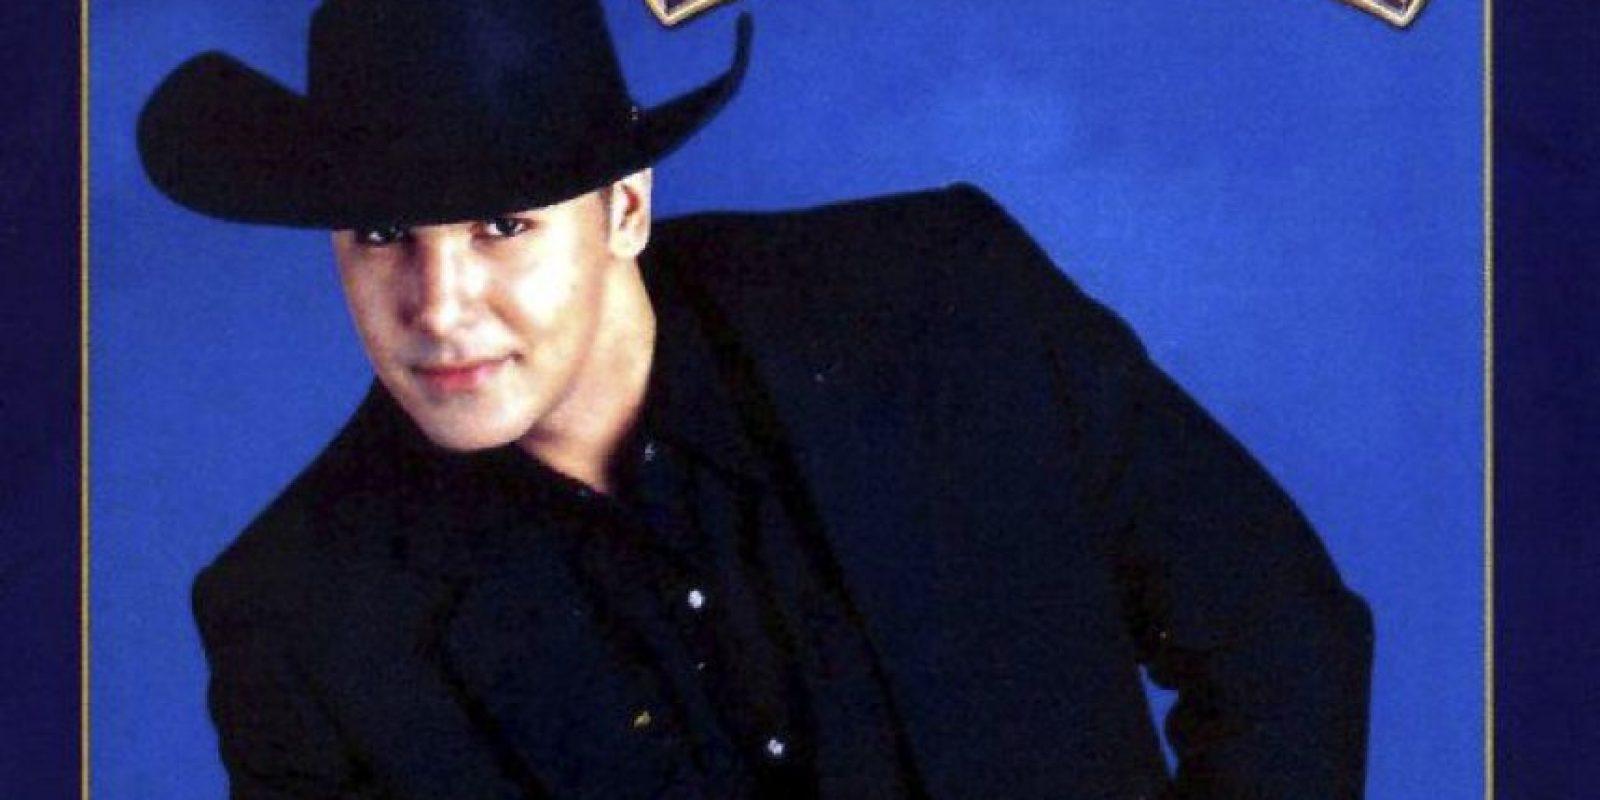 """Ahora se llama """"Coyote Dax"""" y lanzó su carrera en España. Tiene 3 hijos y vive cerca a Barcelona. Ha estado en el """"Gran Hermano"""" de ese país. Foto:vía Facebook/Coyote Dax"""